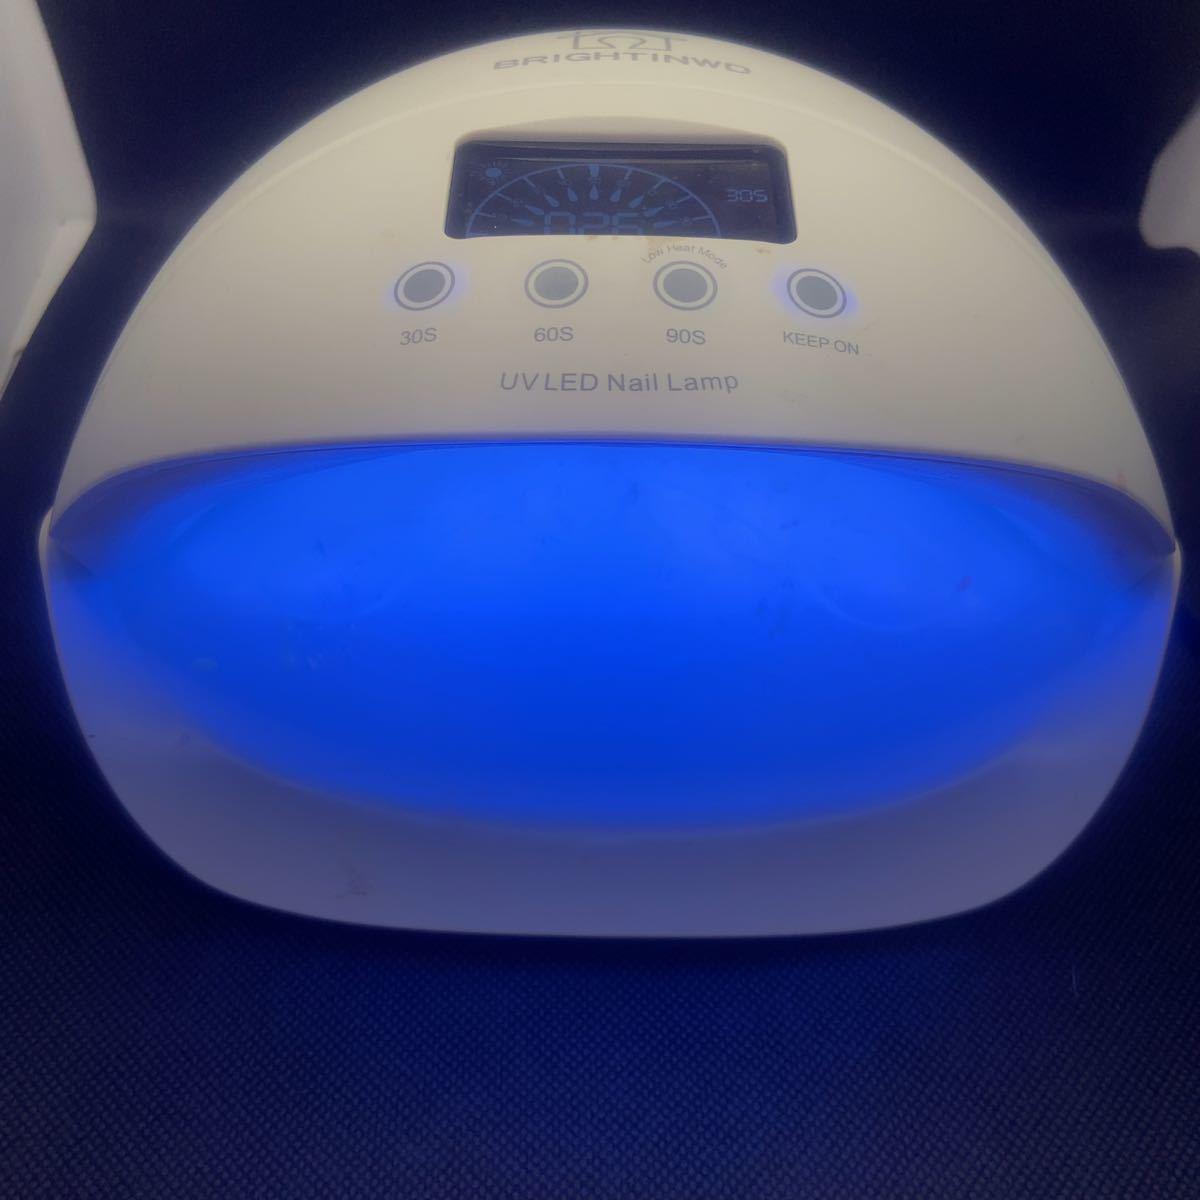 UVLEDランプ  タイマー機能  ネイルアート レジン硬化